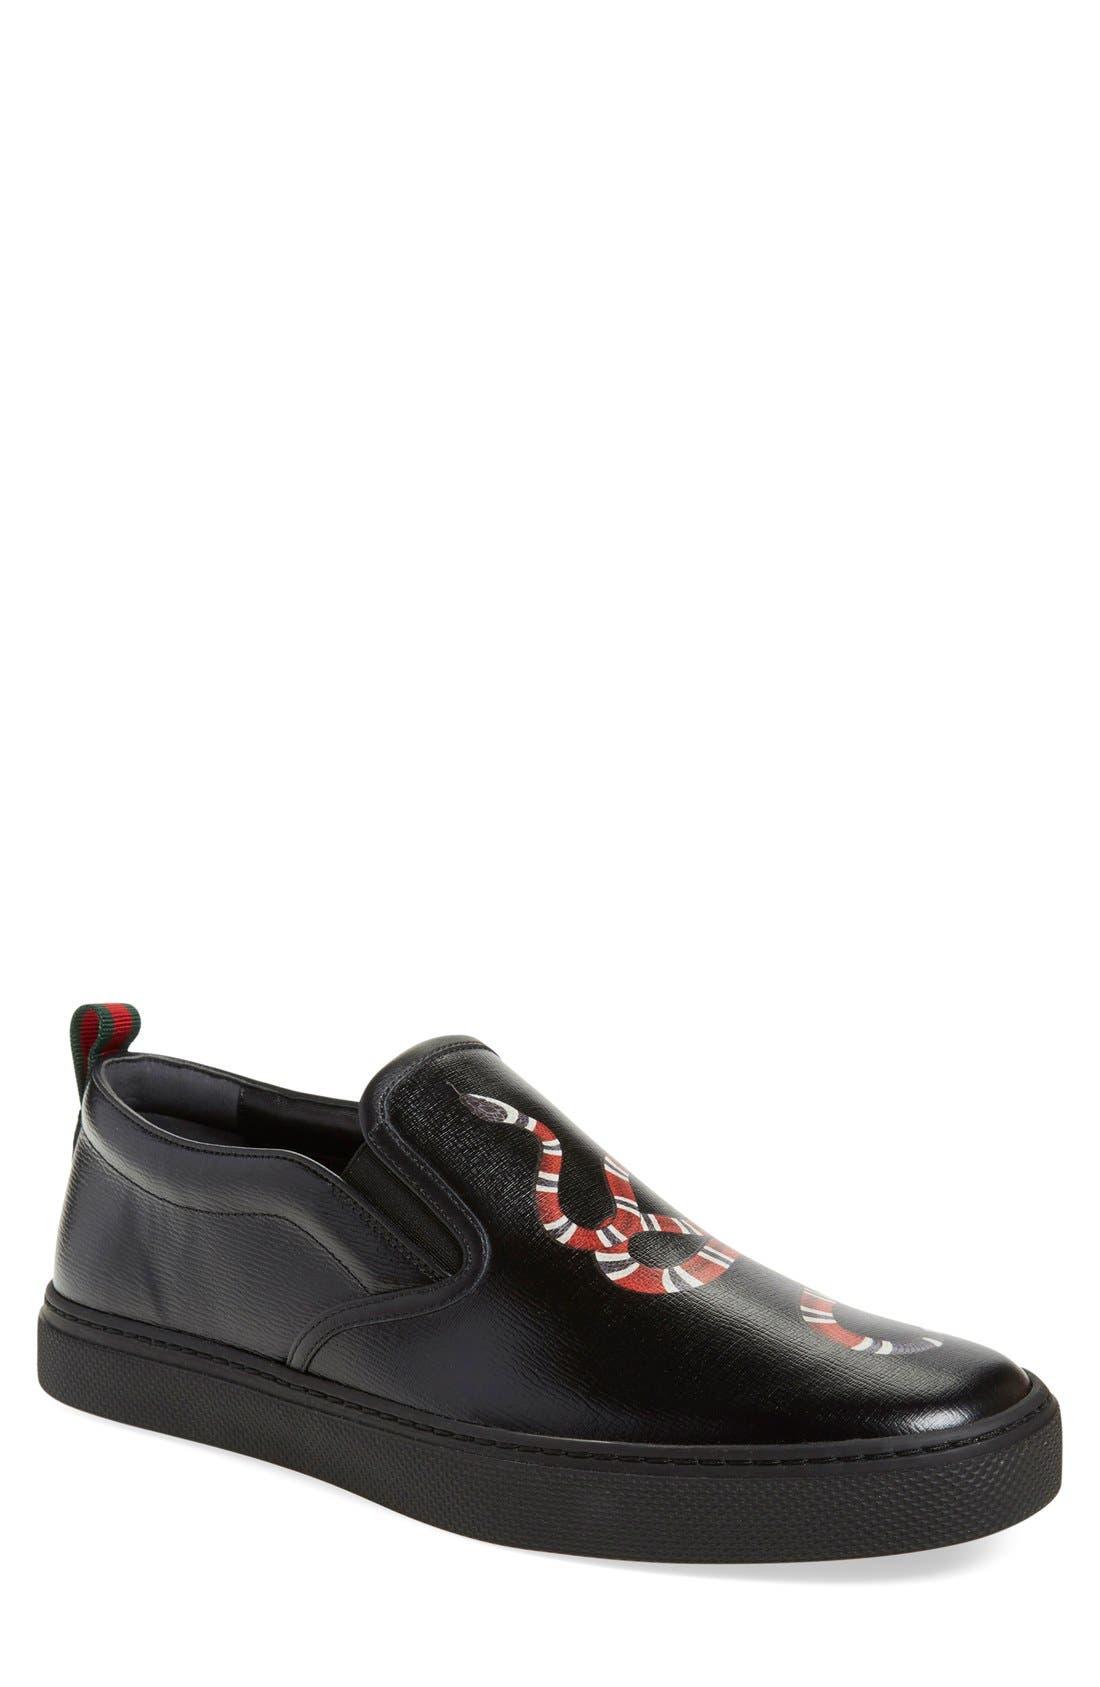 Dublin Slip-On Sneaker,                         Main,                         color,